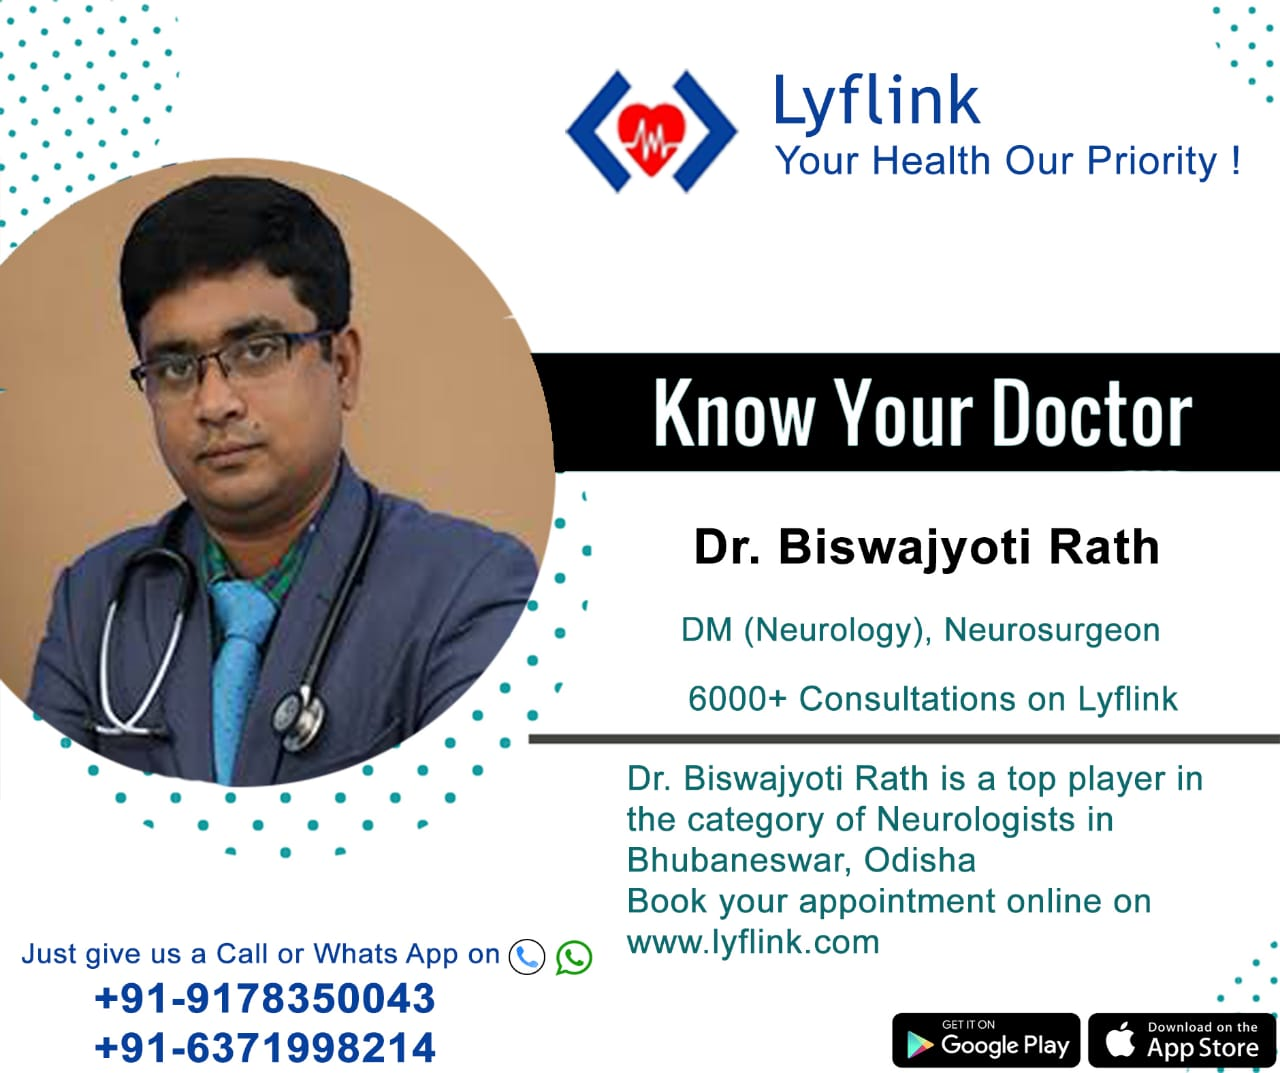 Dr. Biswajyoti Rath